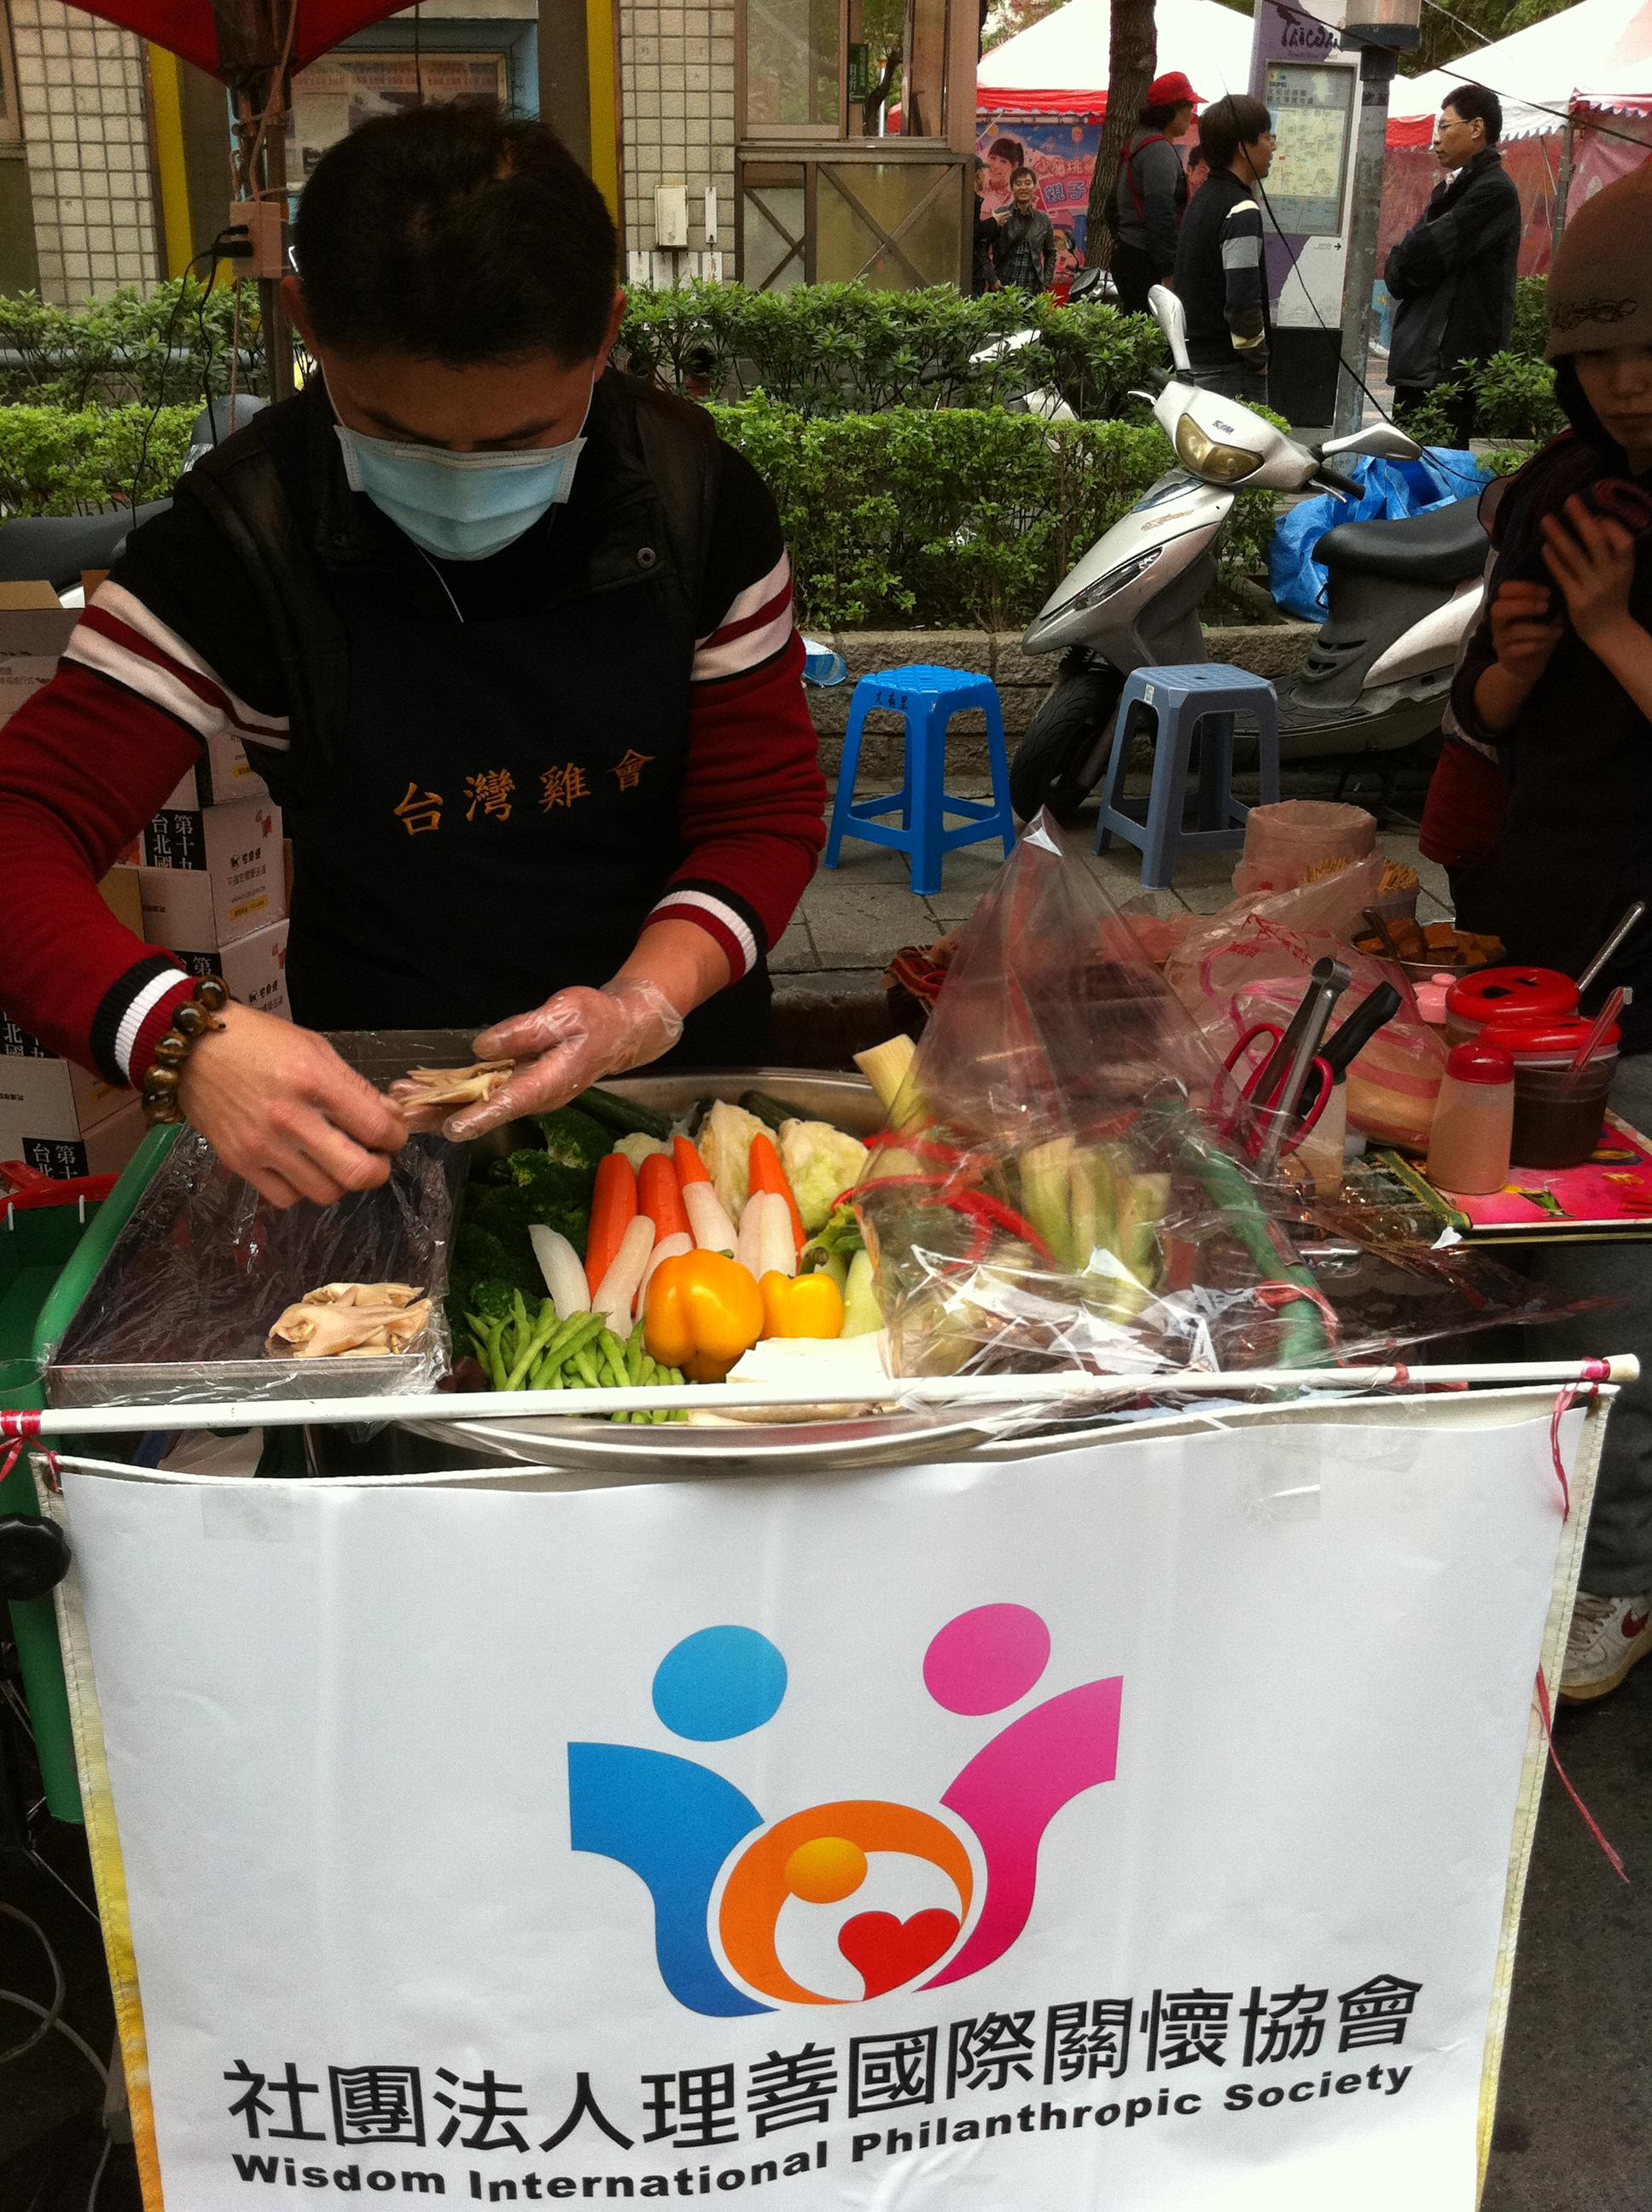 理善國際關懷協會日前與小額創業鹽水雞業者『台灣雞會』合作,共同舉辦『零元創業、幸福人生』計畫。